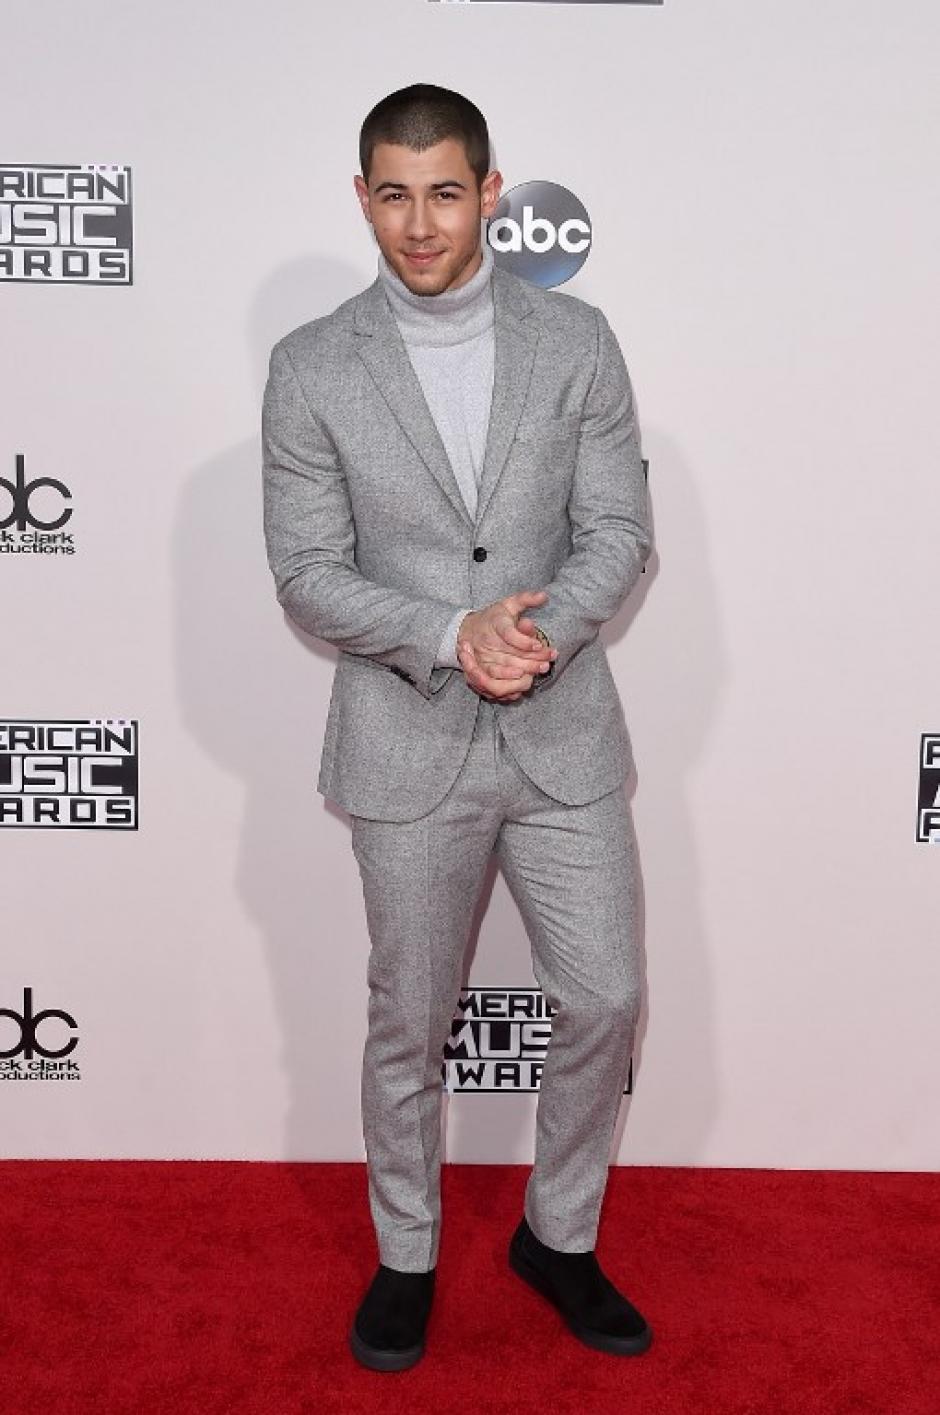 Nick Jonas sonrie en la alfombra roja de los American Music Awards en Los Ángeles, California. (Foto: Jason Merritt / AFP)